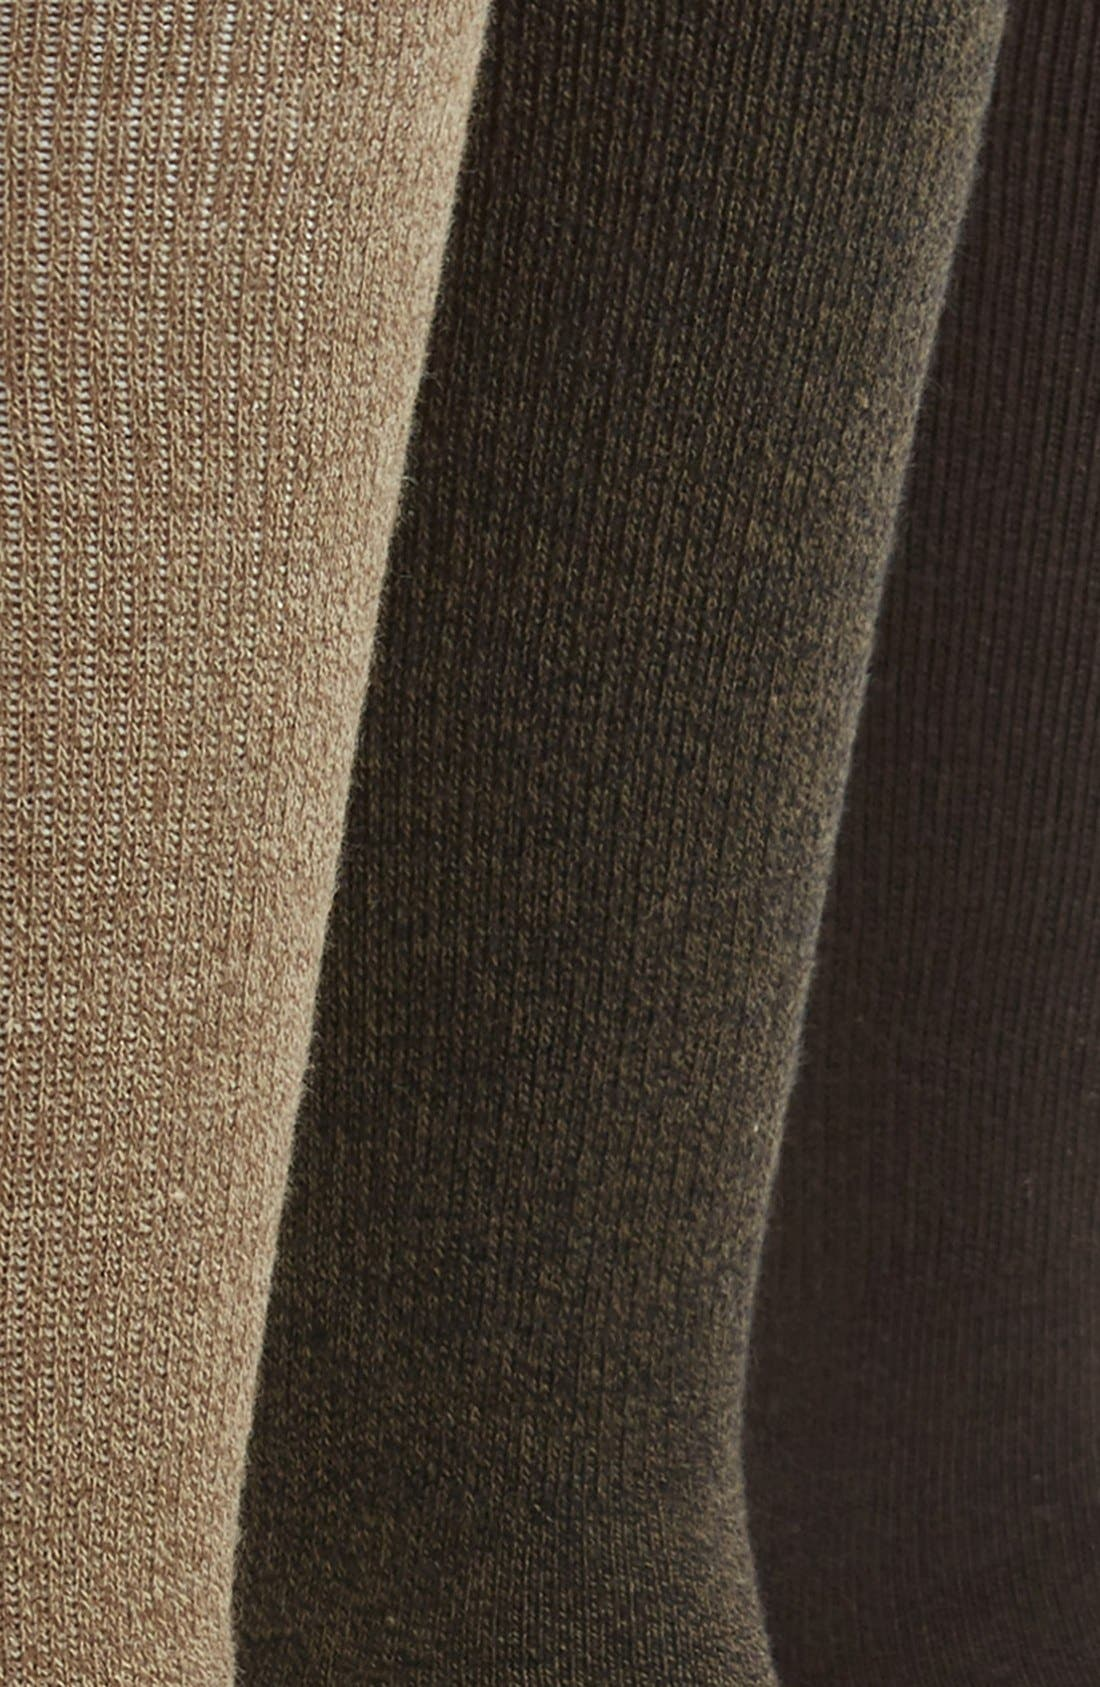 CALVIN KLEIN,                             3-Pack Cotton Blend Socks,                             Alternate thumbnail 2, color,                             BEIGE